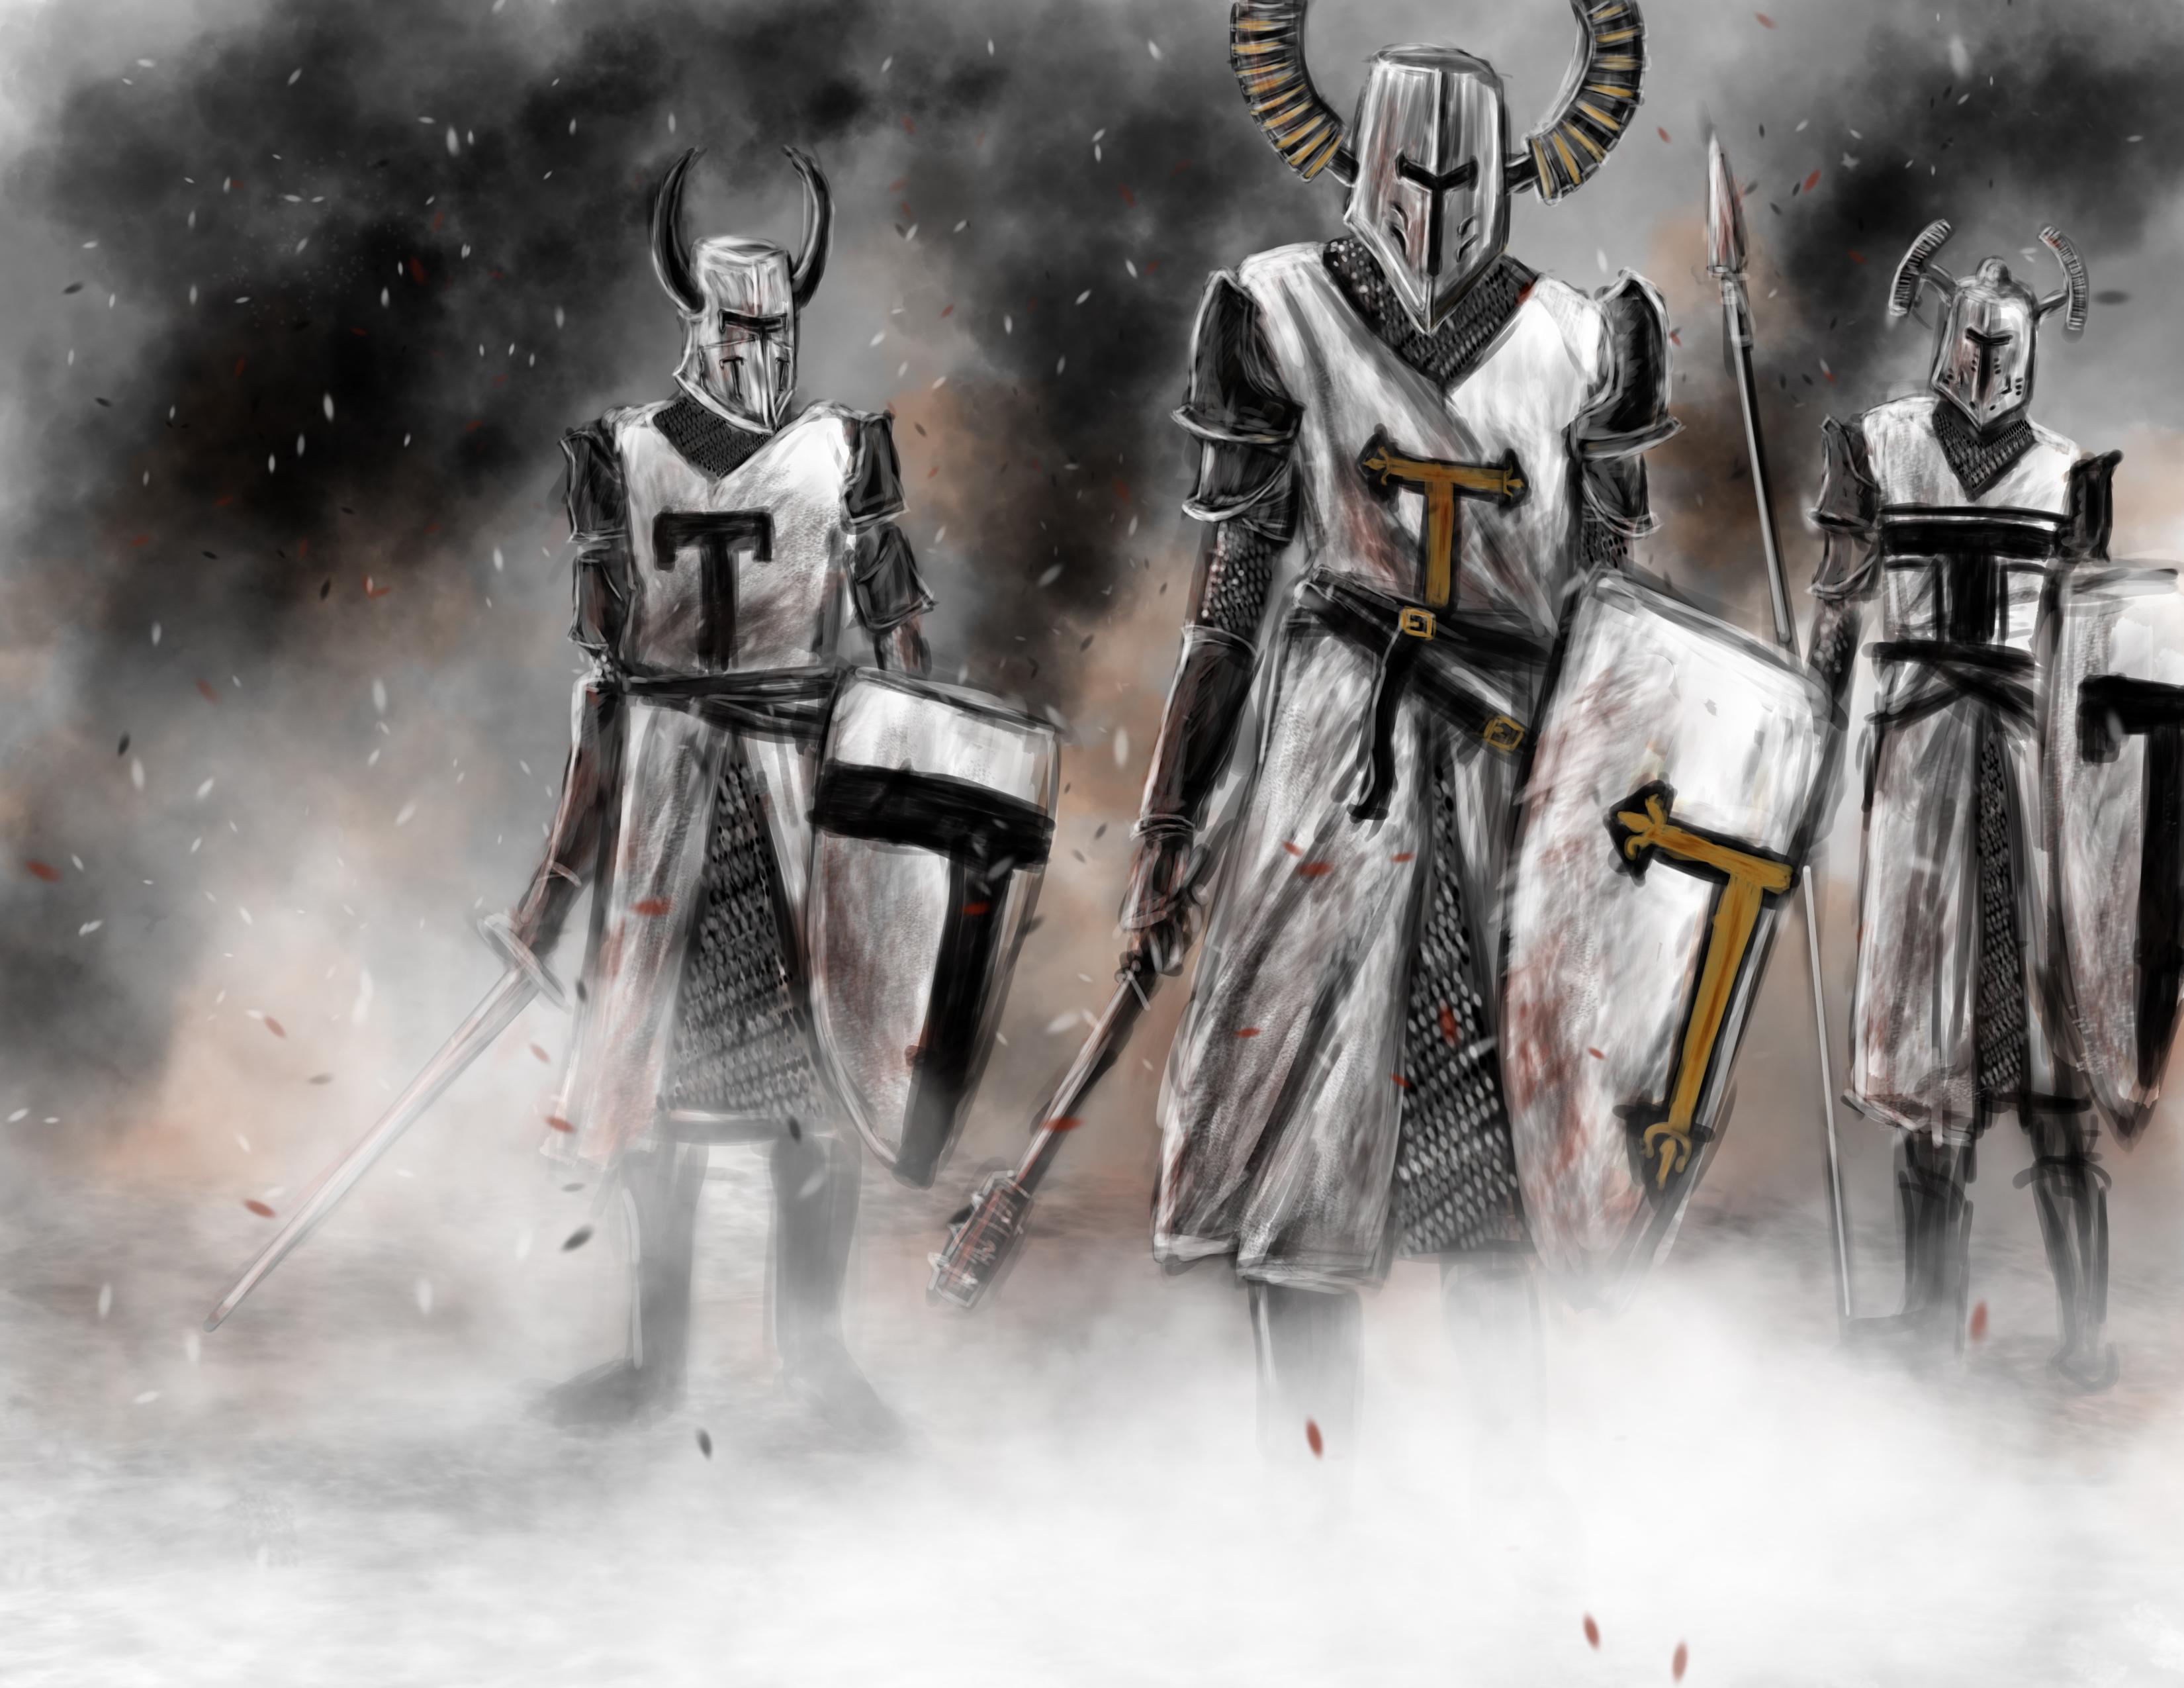 Немецкие рыцари, крестоносцы, скачать фото, рисунок, обои для рабочего стола